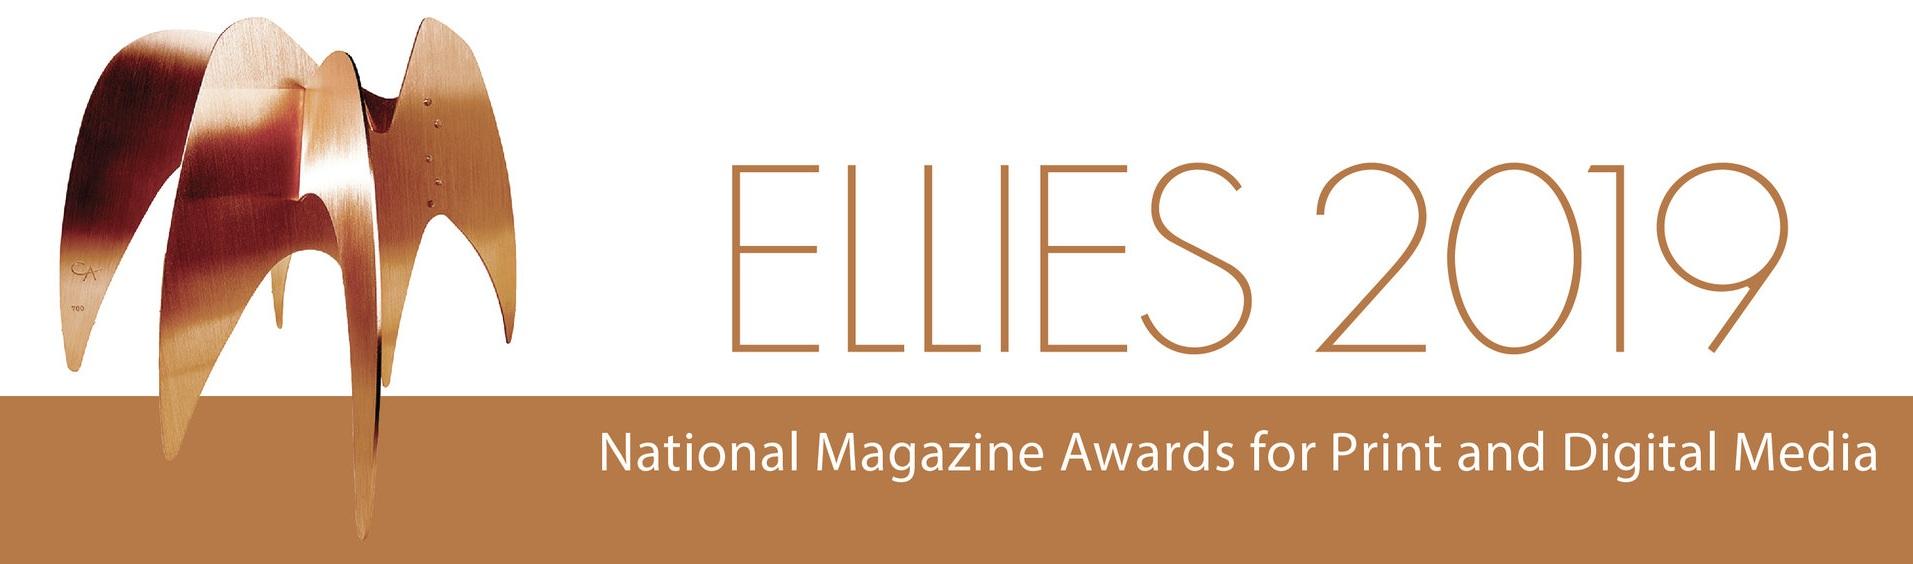 ELLIES-2019-01.jpg